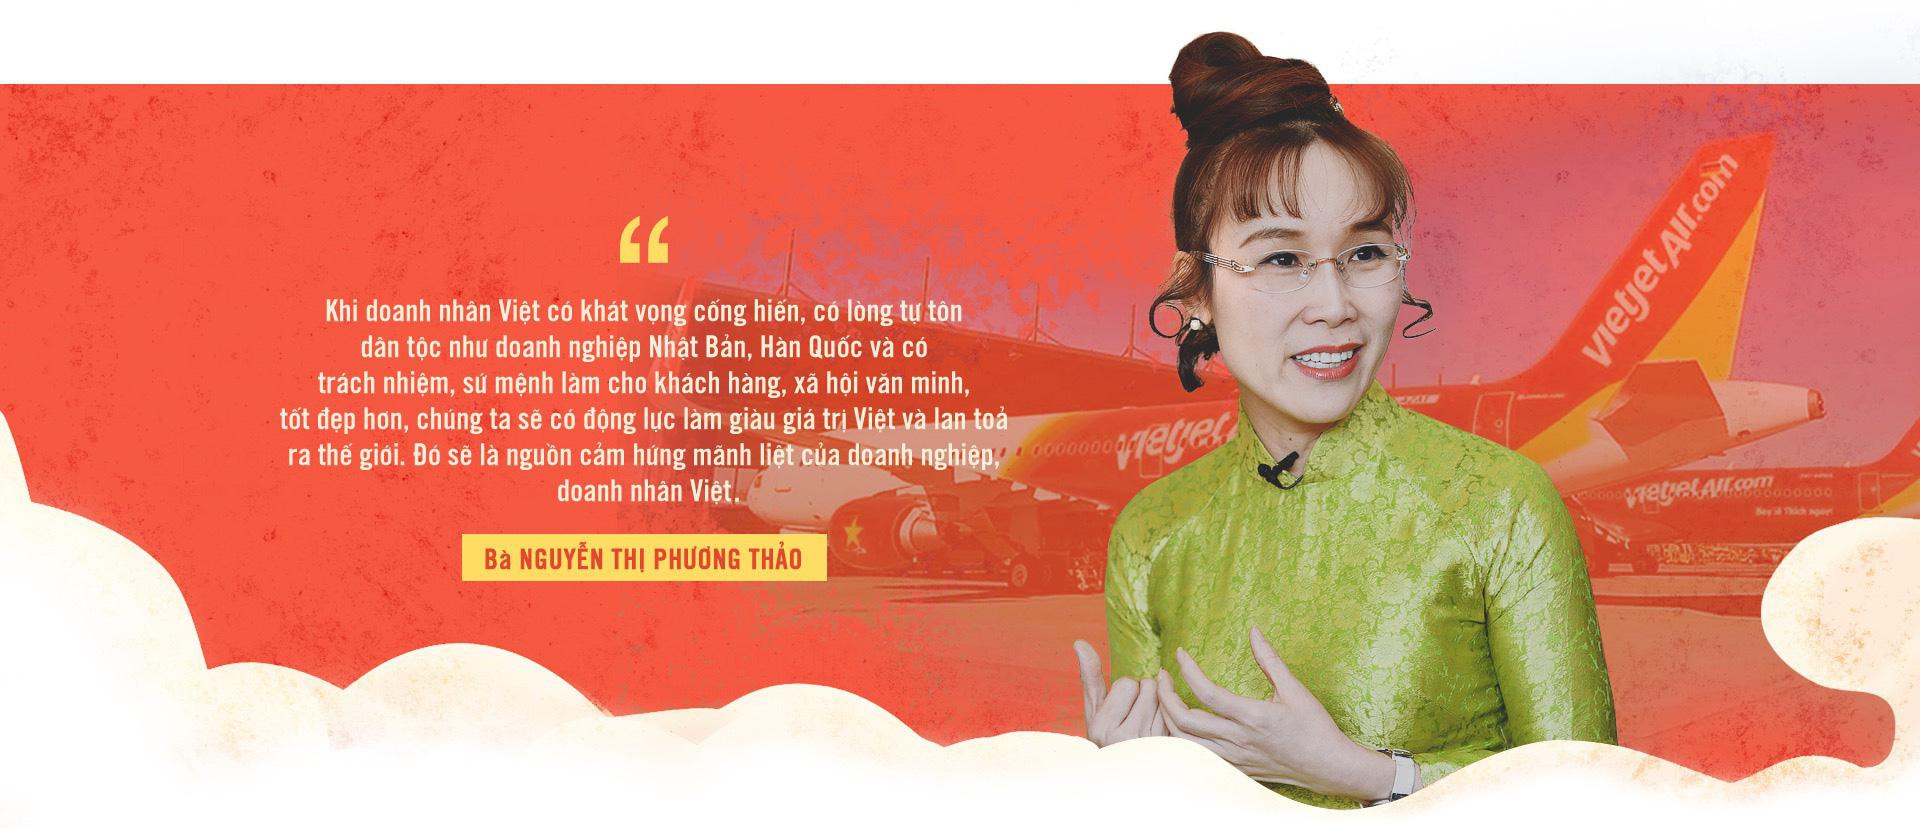 CEO Vietjet Nguyễn Thị Phương Thảo: Tiền nhiều để hiện thực hóa những ước mơ cao đẹp - Ảnh 9.